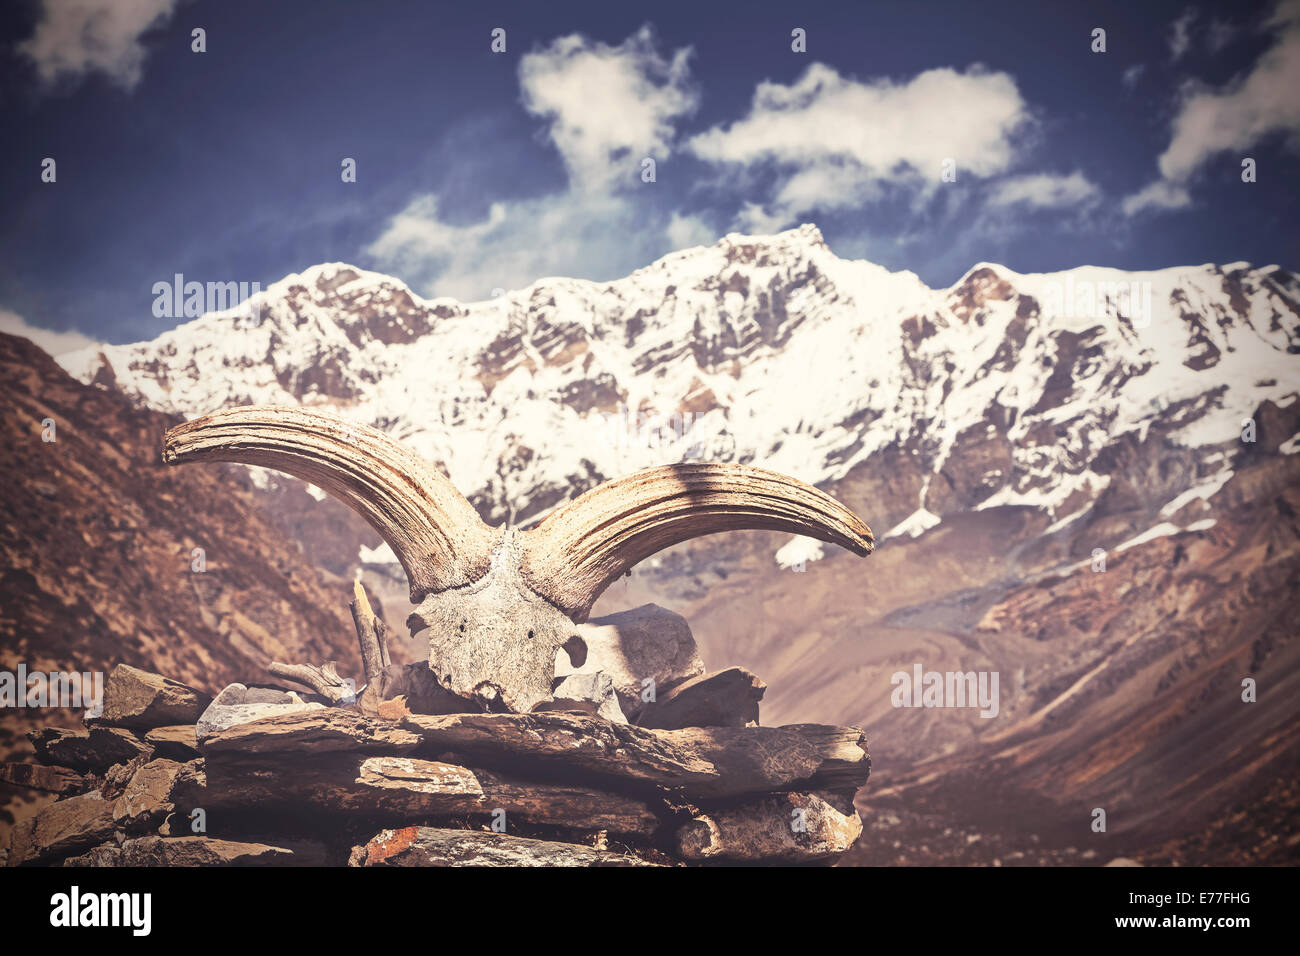 Vintage Bild von Yak Schädel mit Himalaya-Gebirge im Hintergrund, Nepal Stockbild